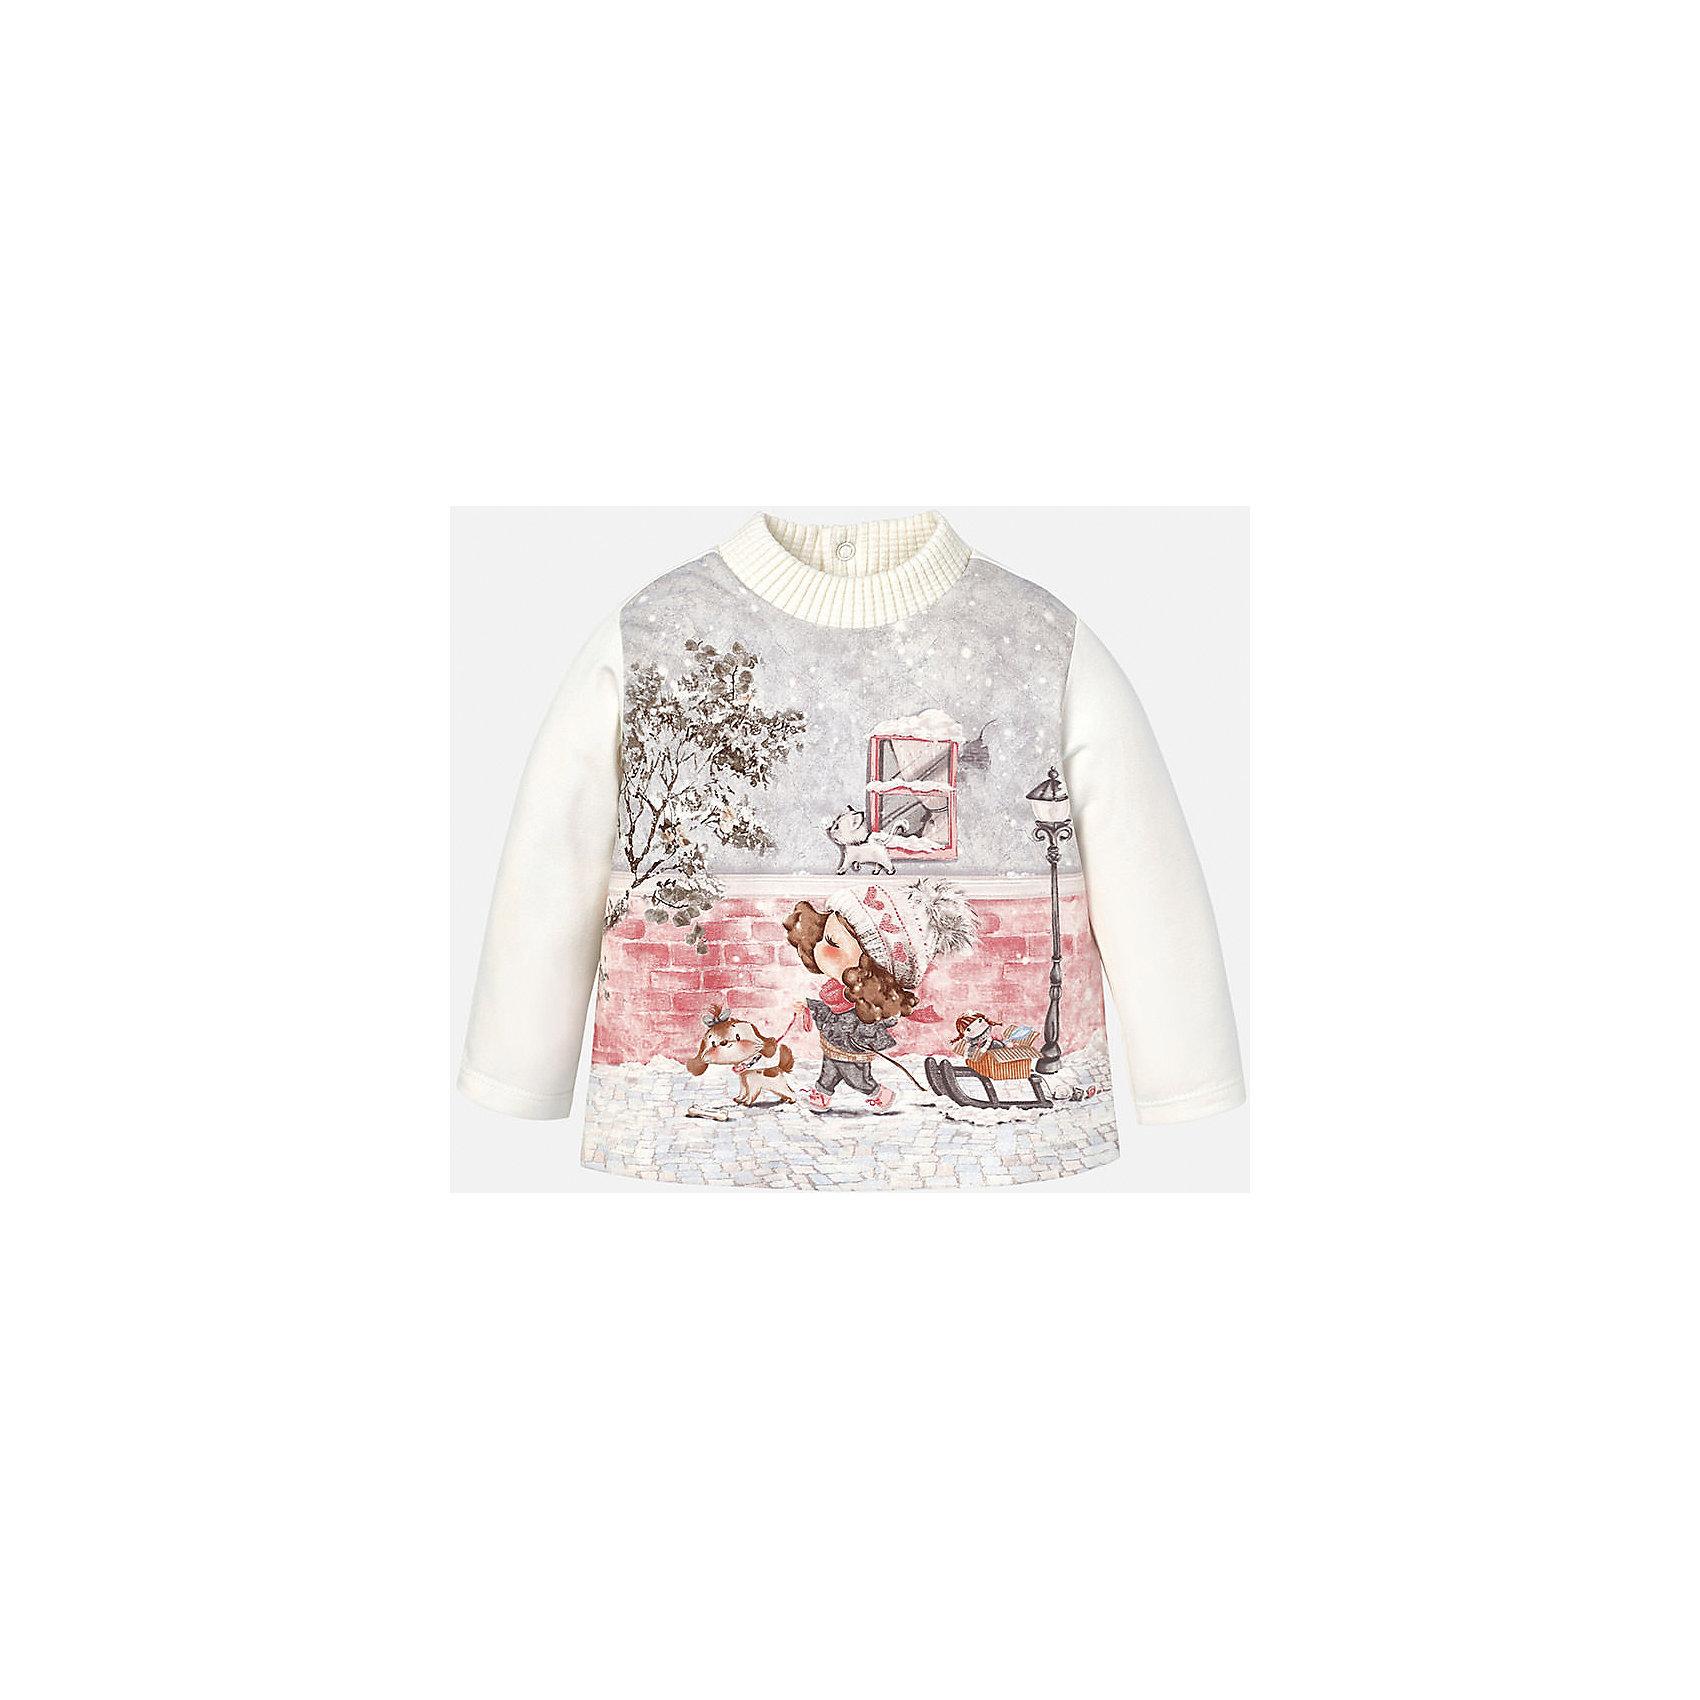 Футболка для девочки MayoralФутболка для девочки от известного испанского бренда Mayoral (Майорал). Эта модная и удобная футболка с длинным рукавом сочетает в себе стиль и простоту. Приятный бело-кремовый цвет и зимний фото-принт с девочкой придут по вкусу вашей моднице. У футболки свободный крой, слегка расширяющийся к низу. Утепленная горловина защитит от холода. Футболка застегивается сзади на три кнопочки. Отличное пополнение для сезона осень-зима. К этой футболке подойдут как классические юбки и брюки, так и джинсы или штаны спортивного кроя. <br><br>Дополнительная информация:<br><br>- Силуэт: расширяющийся к низу<br>- Рукав: укороченный<br>- Длина: средняя<br><br>Состав: 92% хлопок, 8% эластан<br><br>Футболку для девочки Mayoral (Майорал) можно купить в нашем интернет-магазине.<br><br>Подробнее:<br>• Для детей в возрасте: от 4 до 9 лет<br>• Номер товара: 4846004<br>Страна производитель: Индия<br><br>Ширина мм: 199<br>Глубина мм: 10<br>Высота мм: 161<br>Вес г: 151<br>Цвет: бежевый<br>Возраст от месяцев: 6<br>Возраст до месяцев: 9<br>Пол: Женский<br>Возраст: Детский<br>Размер: 74,86,92,80<br>SKU: 4846004